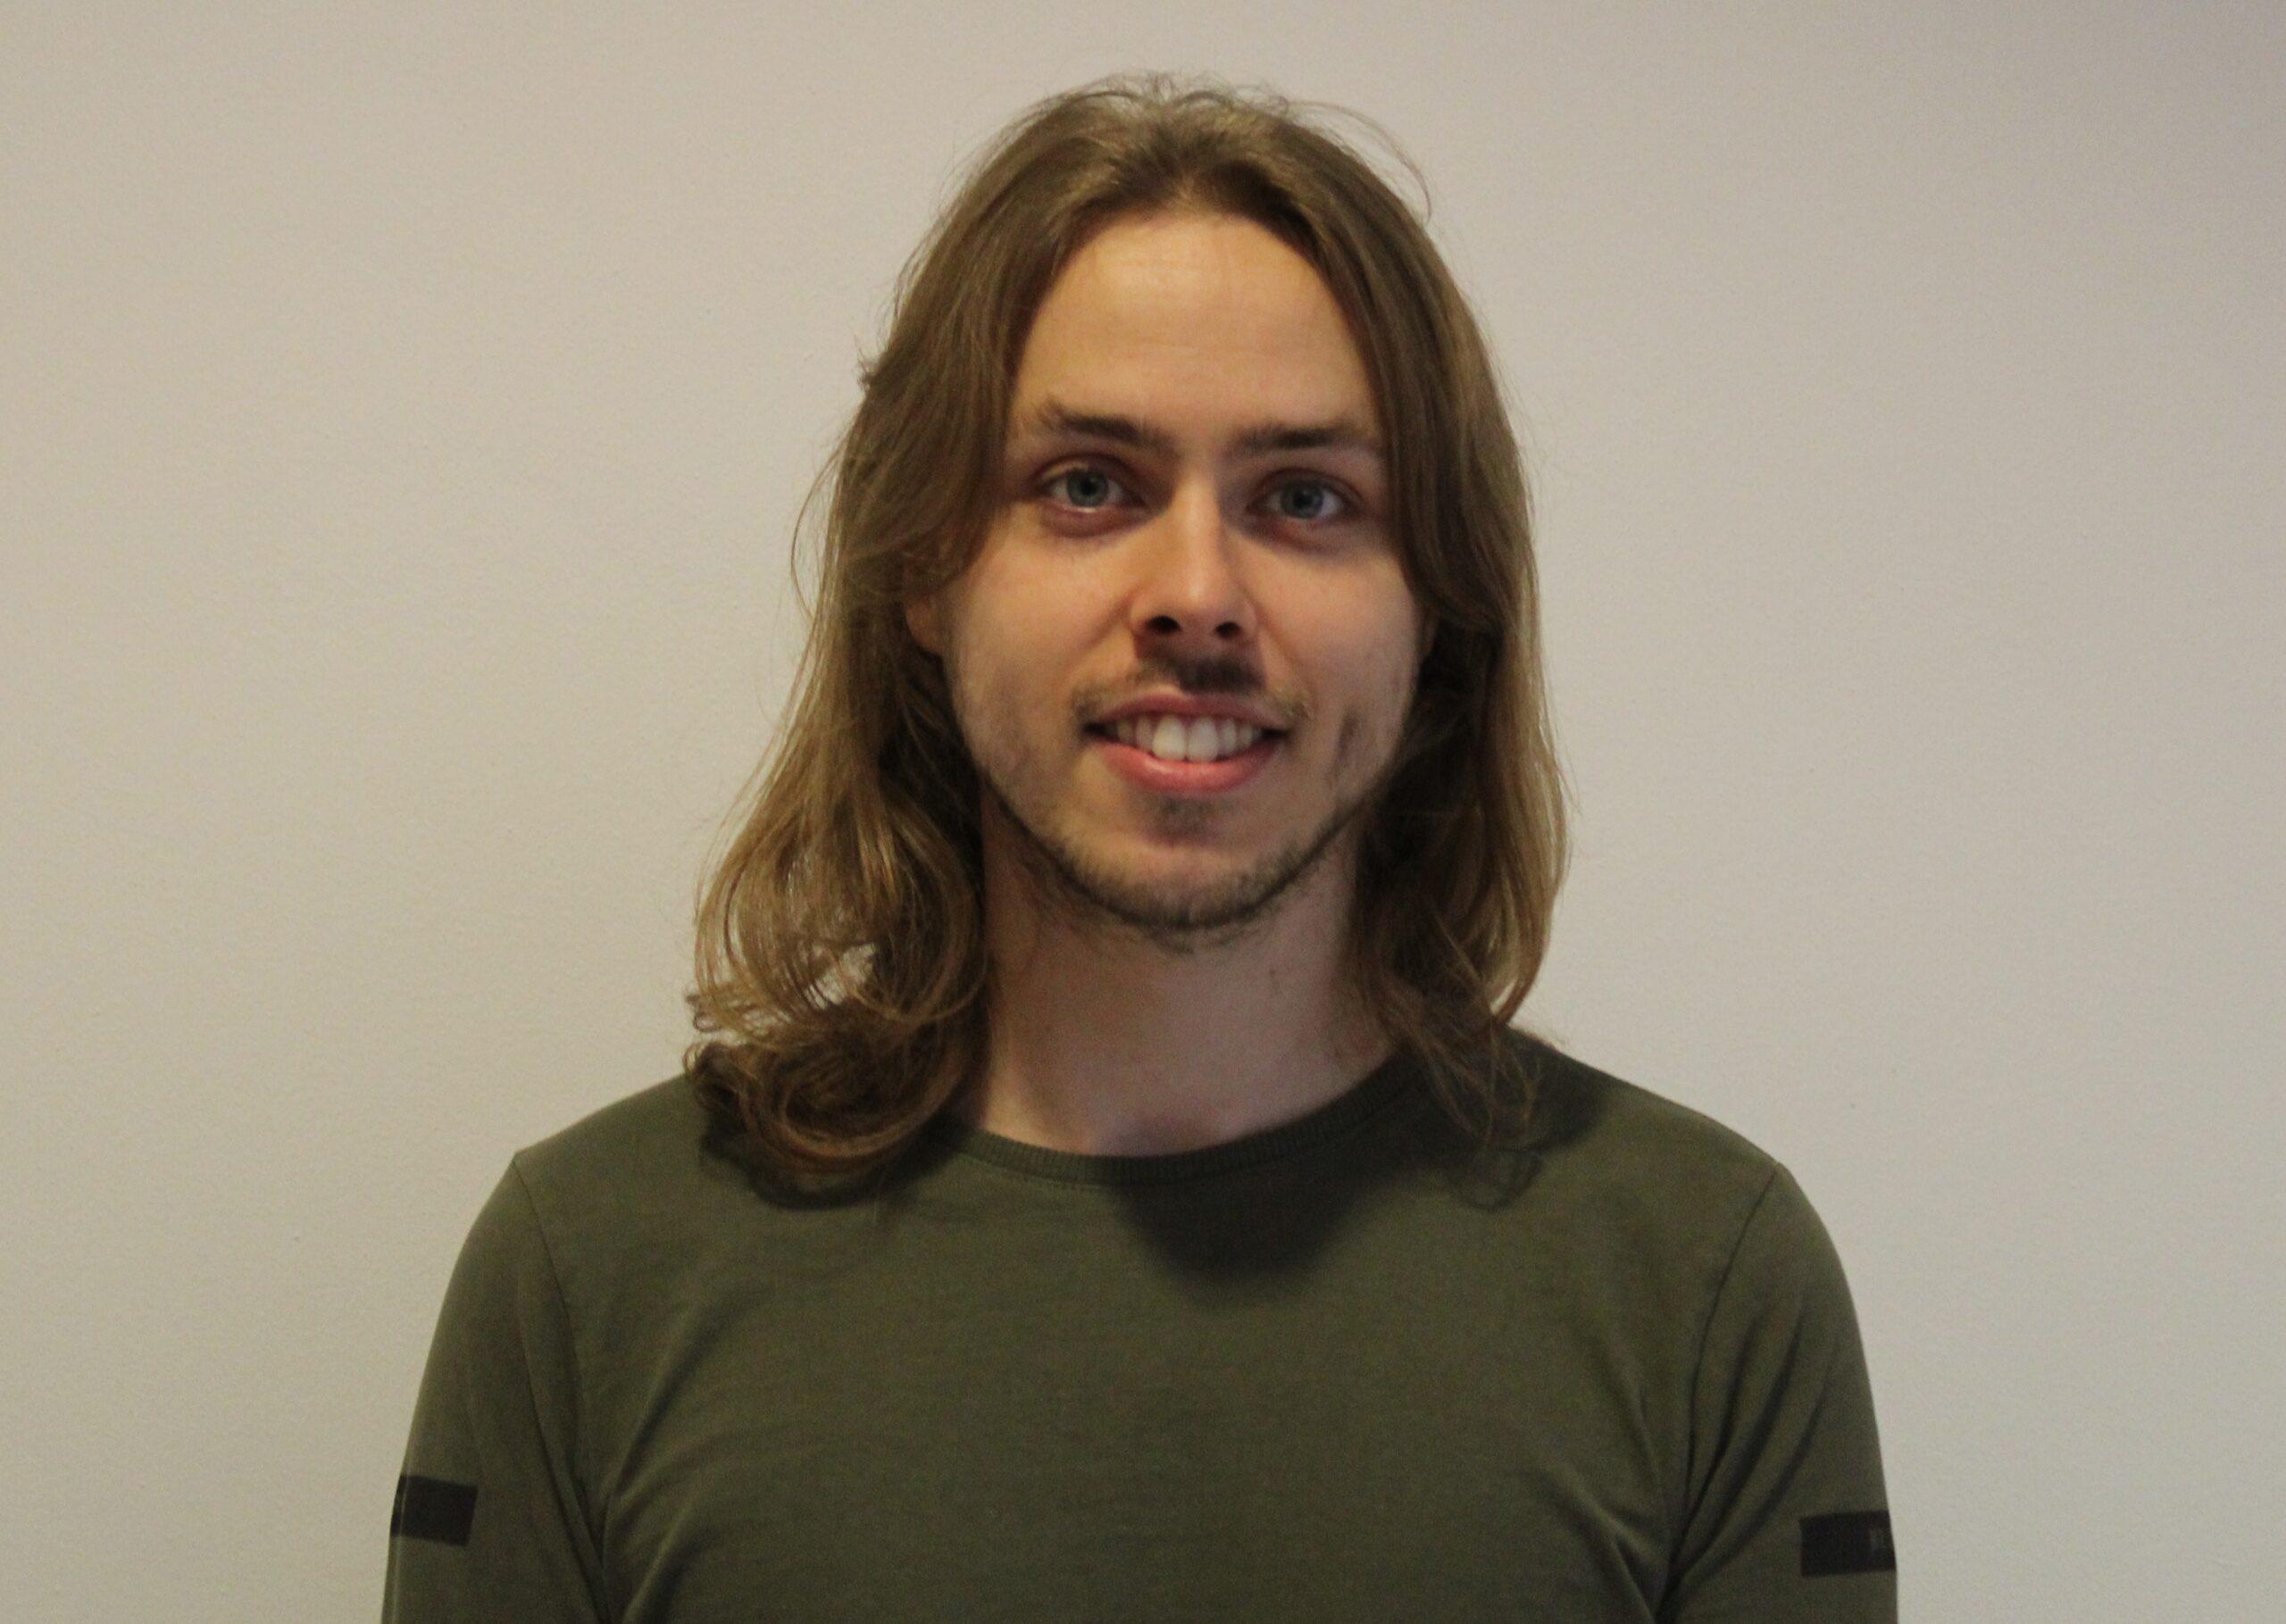 Mick Ferwerda